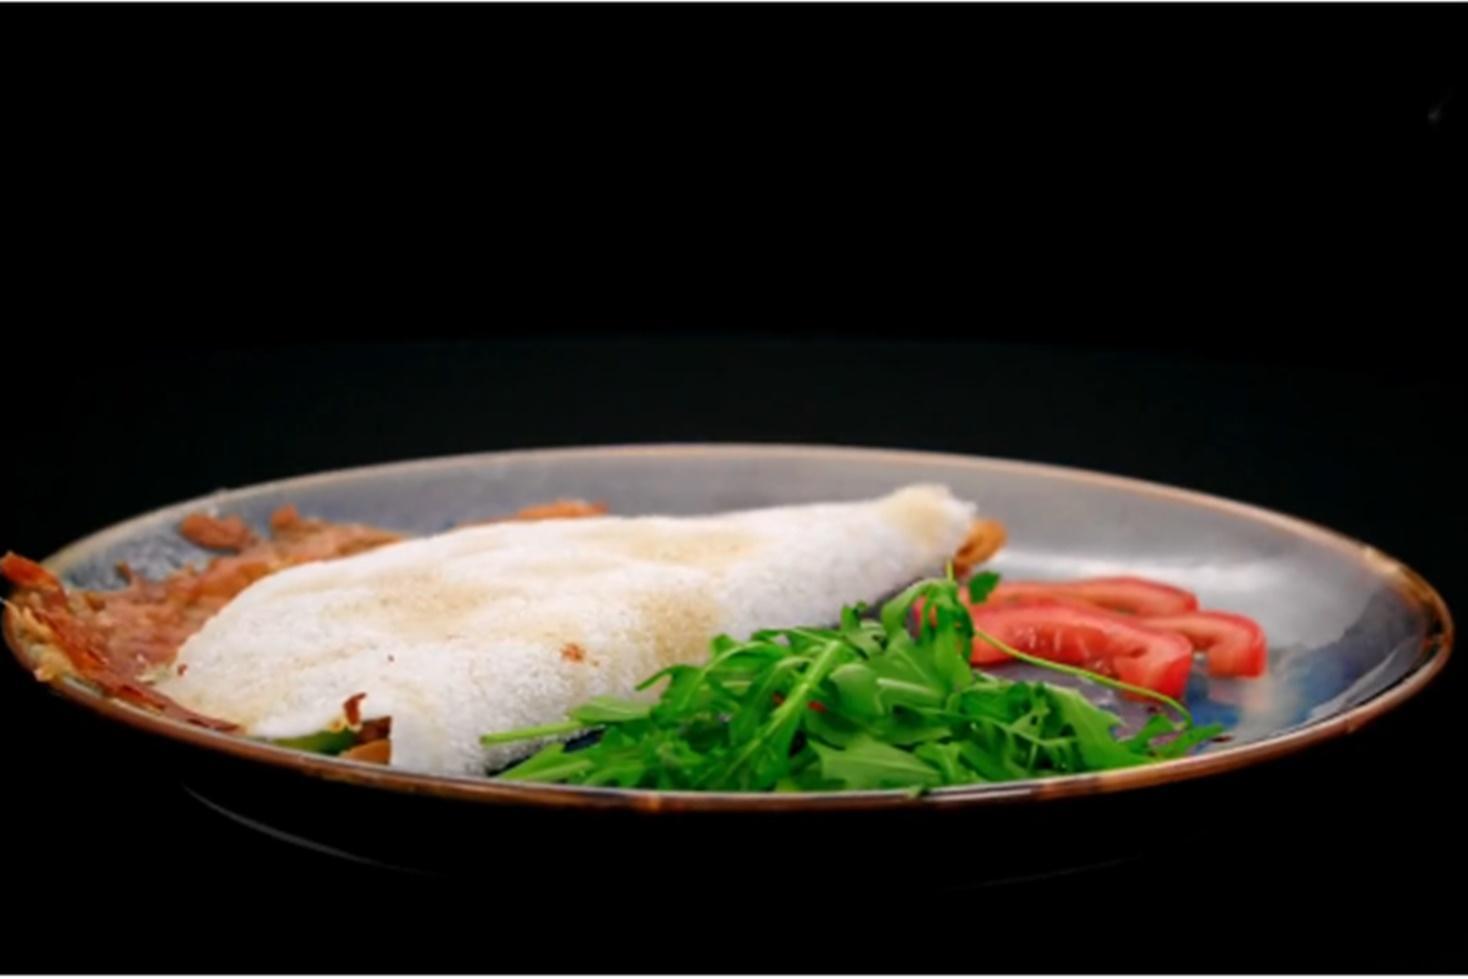 Chefi la cuțite, 16 martie 2021. Rețetă tradițională de tapioca braziliană, preparată de Nadia și Horia Dobrescu